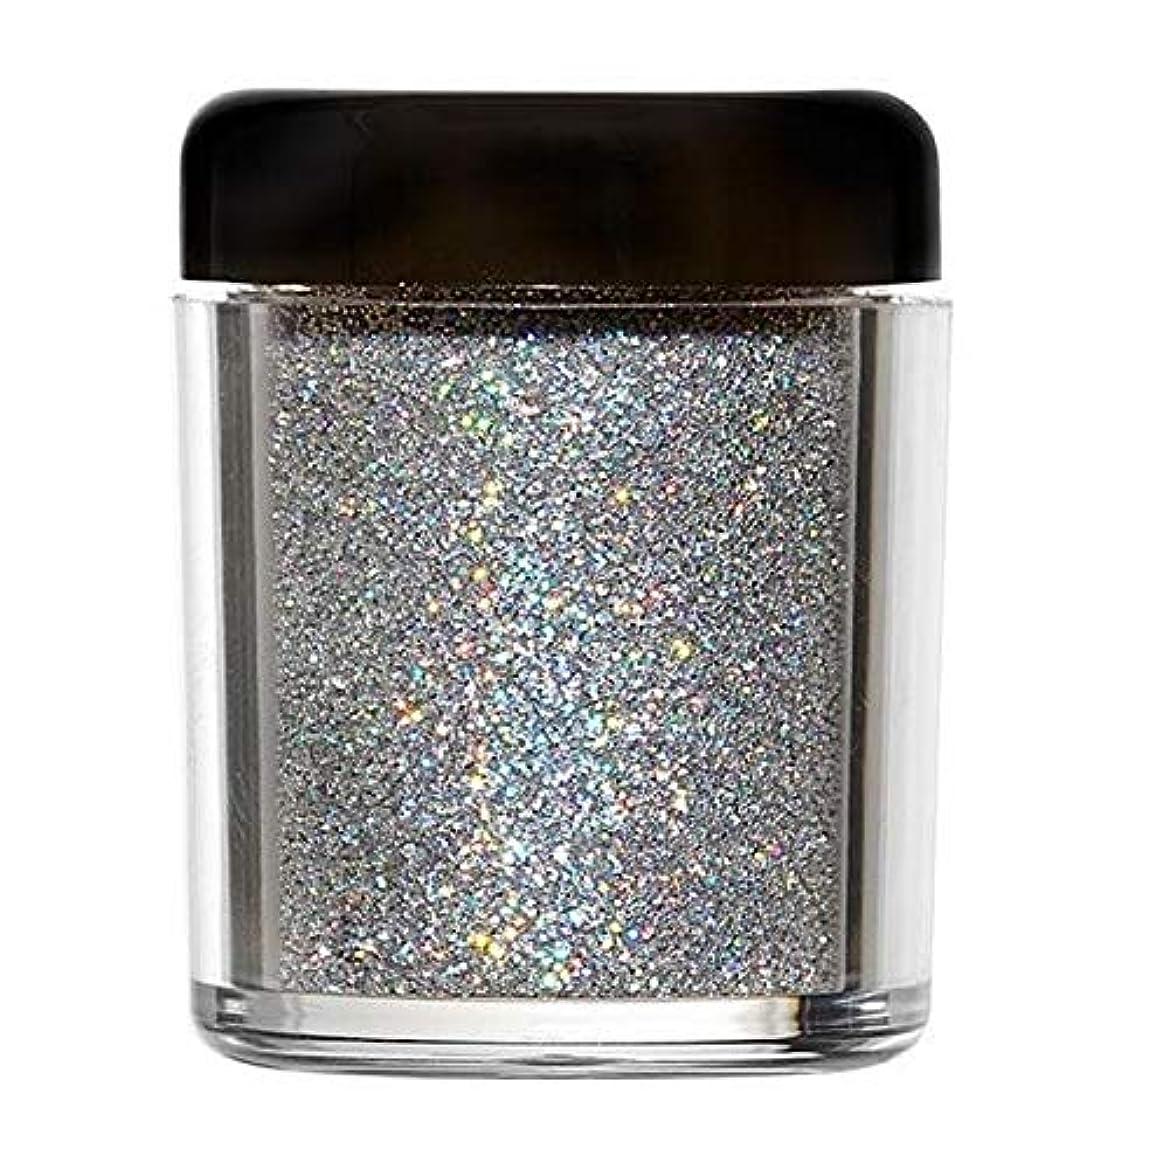 自発薬理学グリーンバック[Barry M ] バリーメートルのグリッターラッシュボディの輝き - ムーンストーン - Barry M Glitter Rush Body Glitter - Moonstone [並行輸入品]